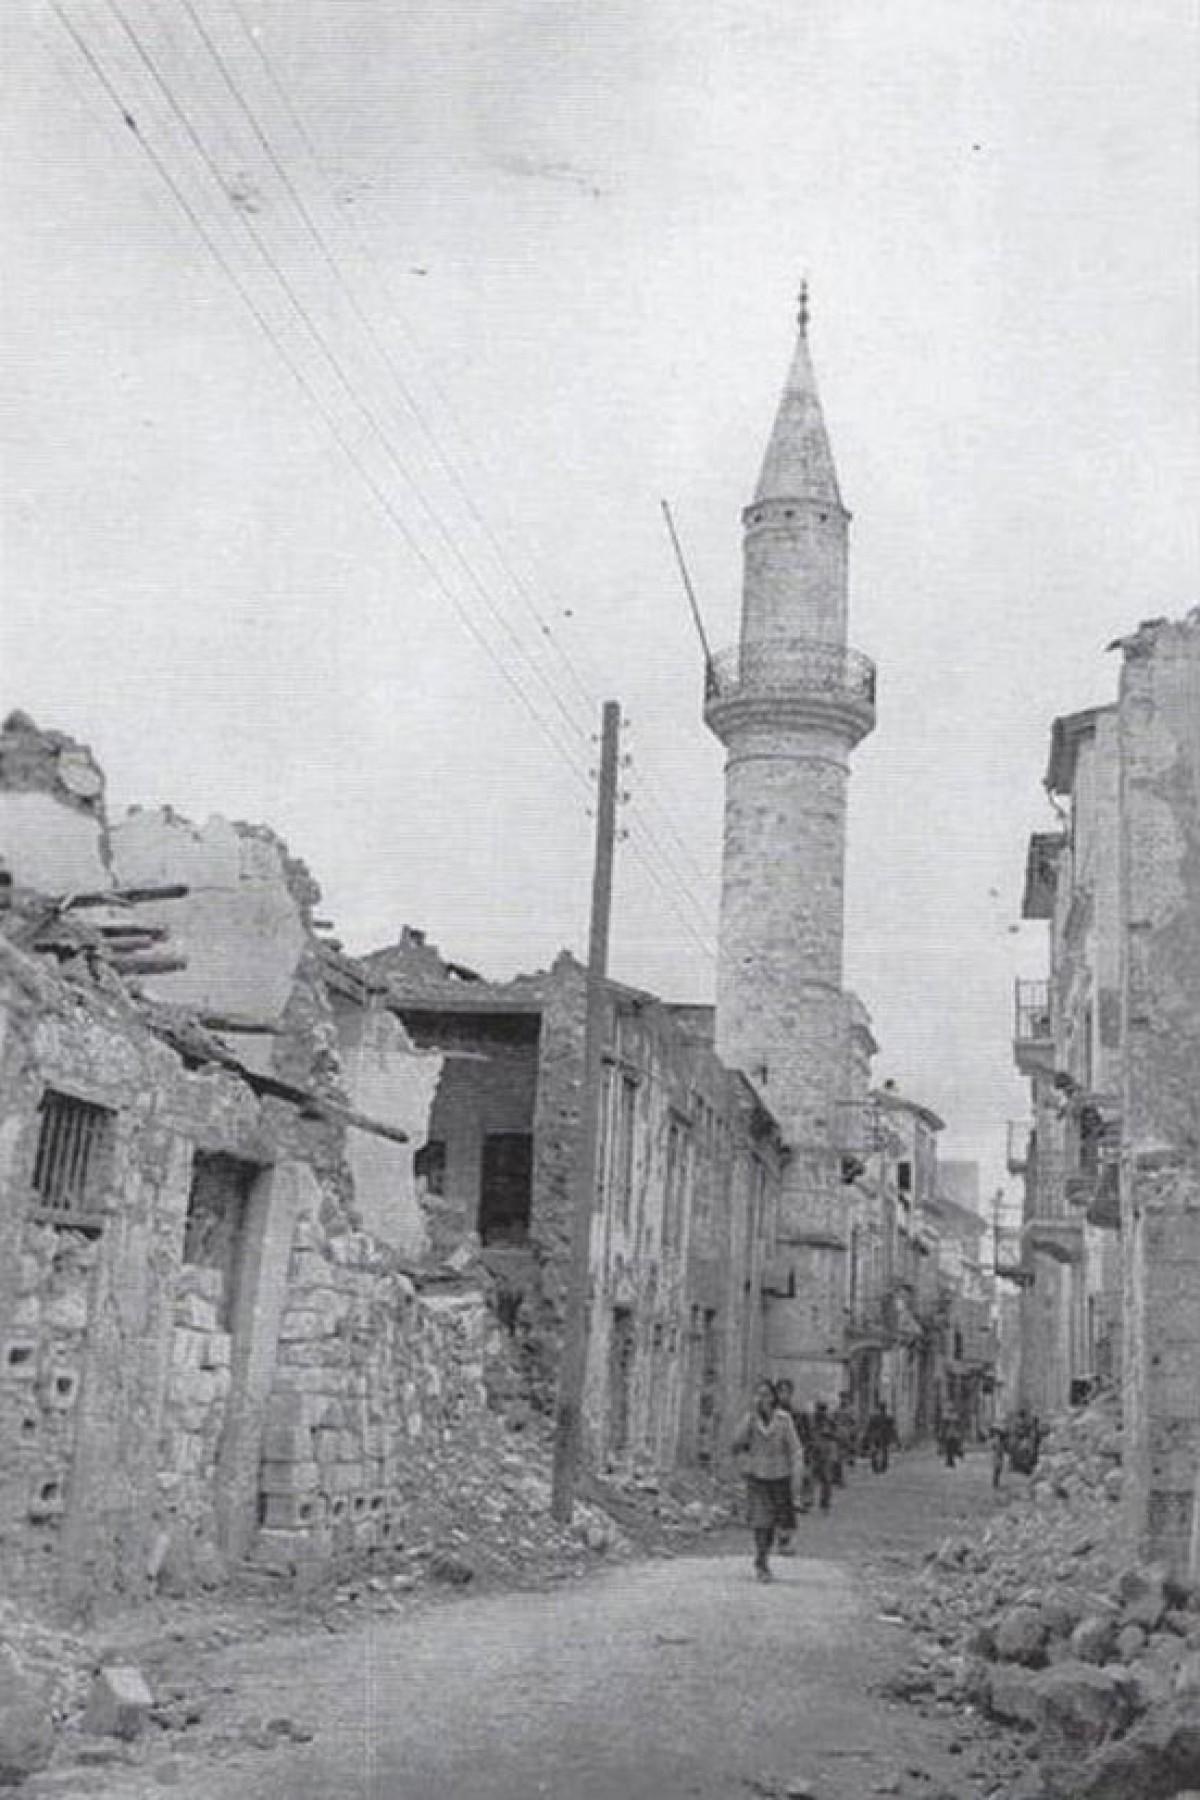 1941, οδός Χατζημιχάλη Νταλιάνη μετά τους βομβαρδισμούς. Ο μιναρές και το τζαμί του Αγά Χαν παραμένουν ανέπαφα.